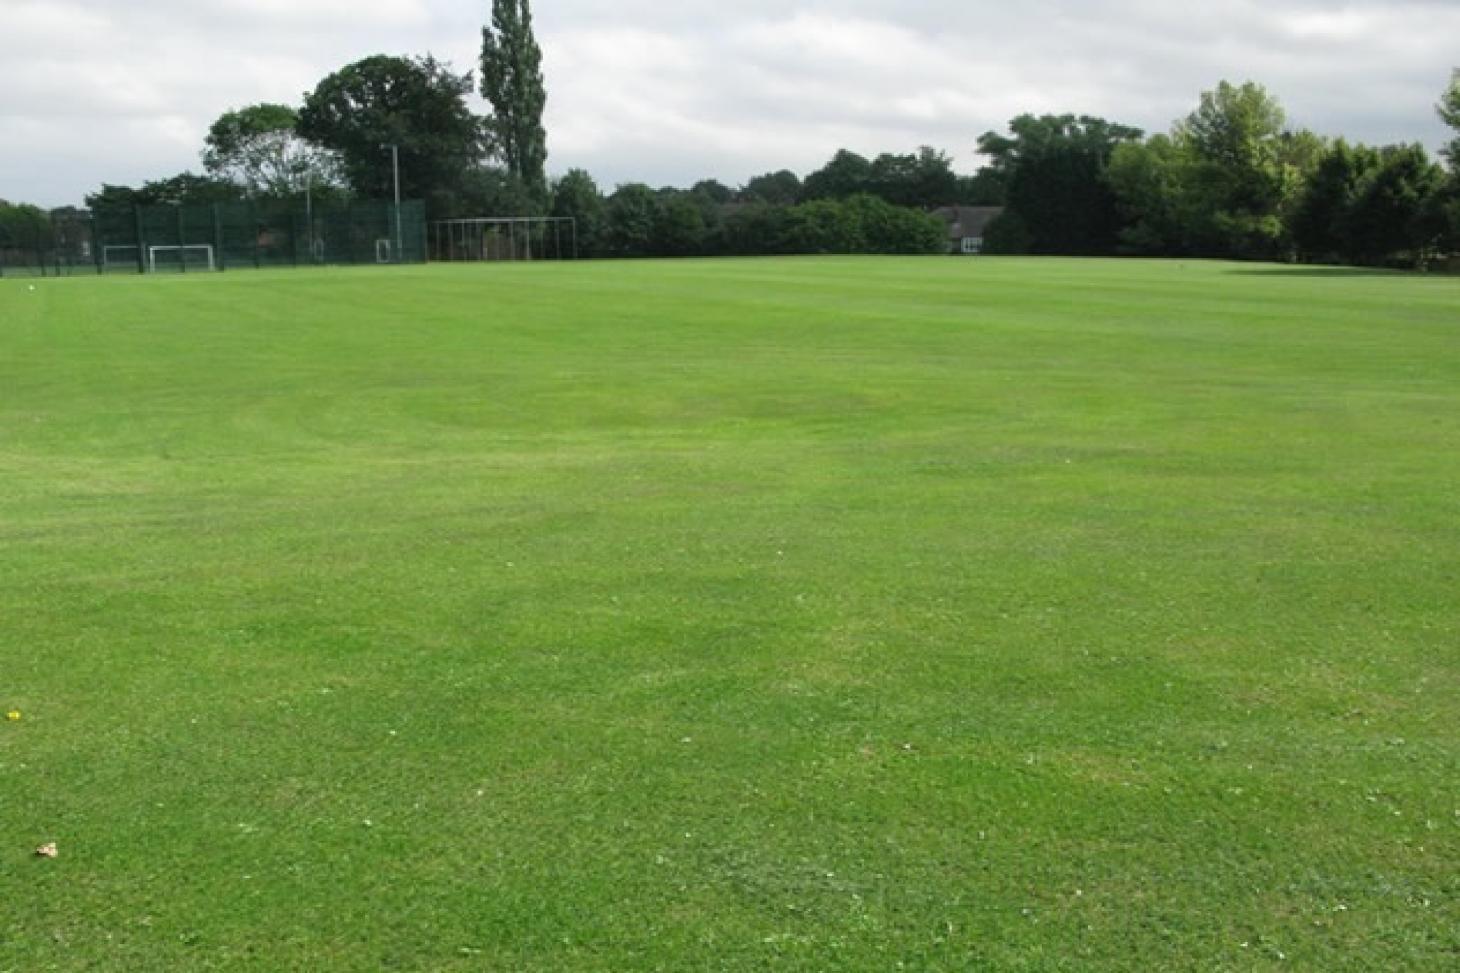 Denbigh High School Full size | Grass cricket facilities